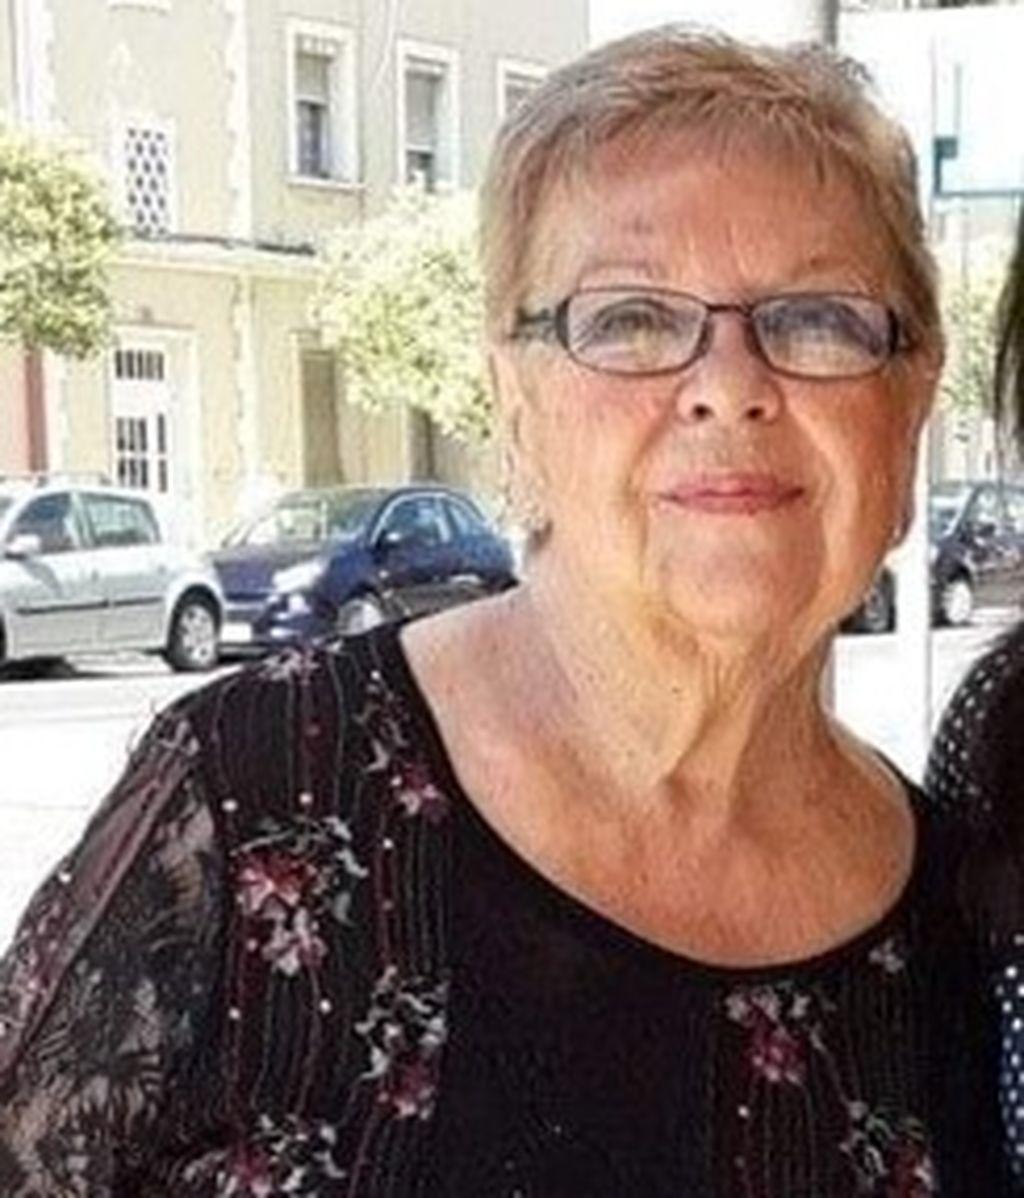 Hallan sin vida a Carmen Albalat, la mujer de 77 años desaparecida en Sagunto